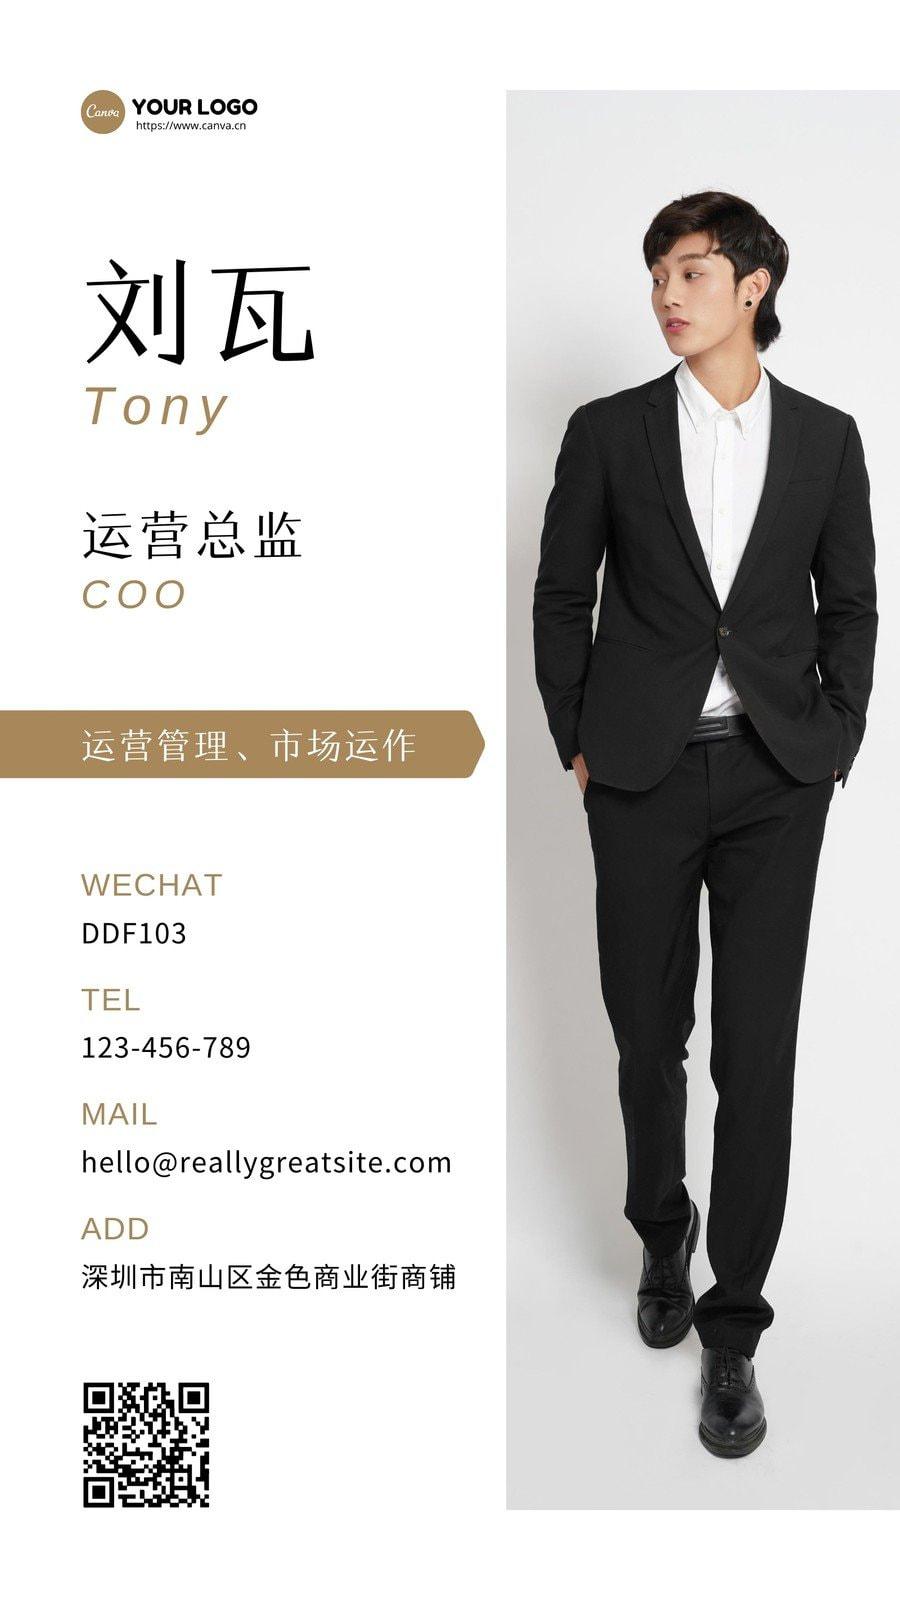 褐白色运营总监照片企业介绍中文电子名片